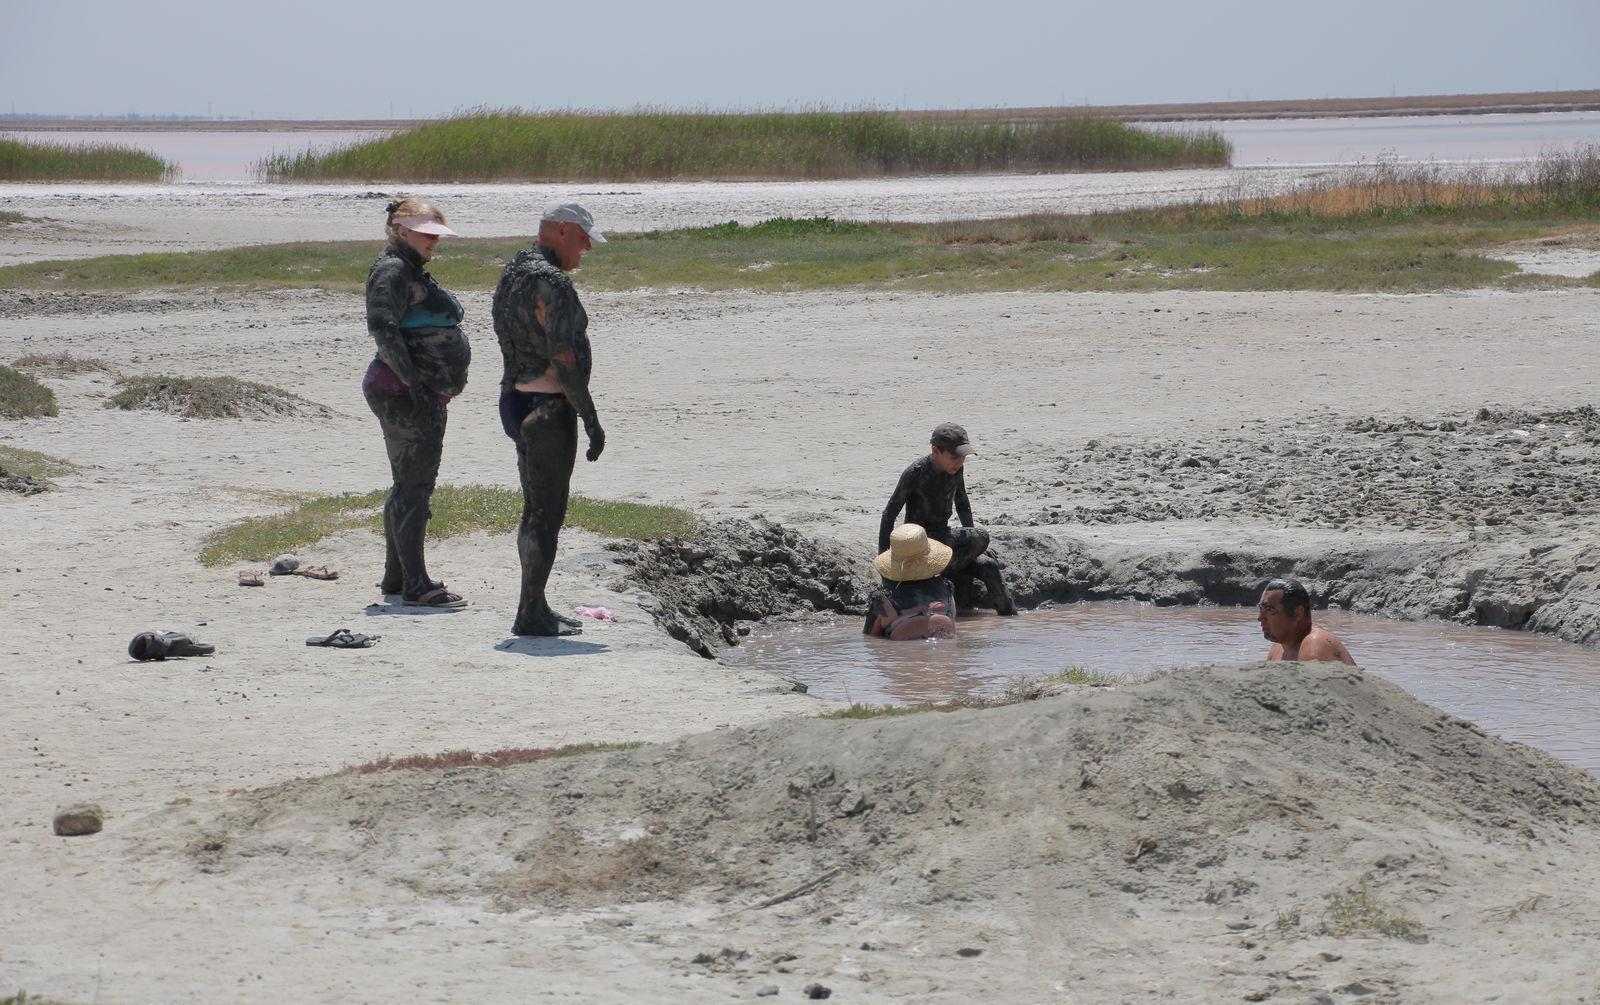 У Приазов'ї є величезна кількість лиманів, гарячих джерел і солоних озер із лікувальними грязями